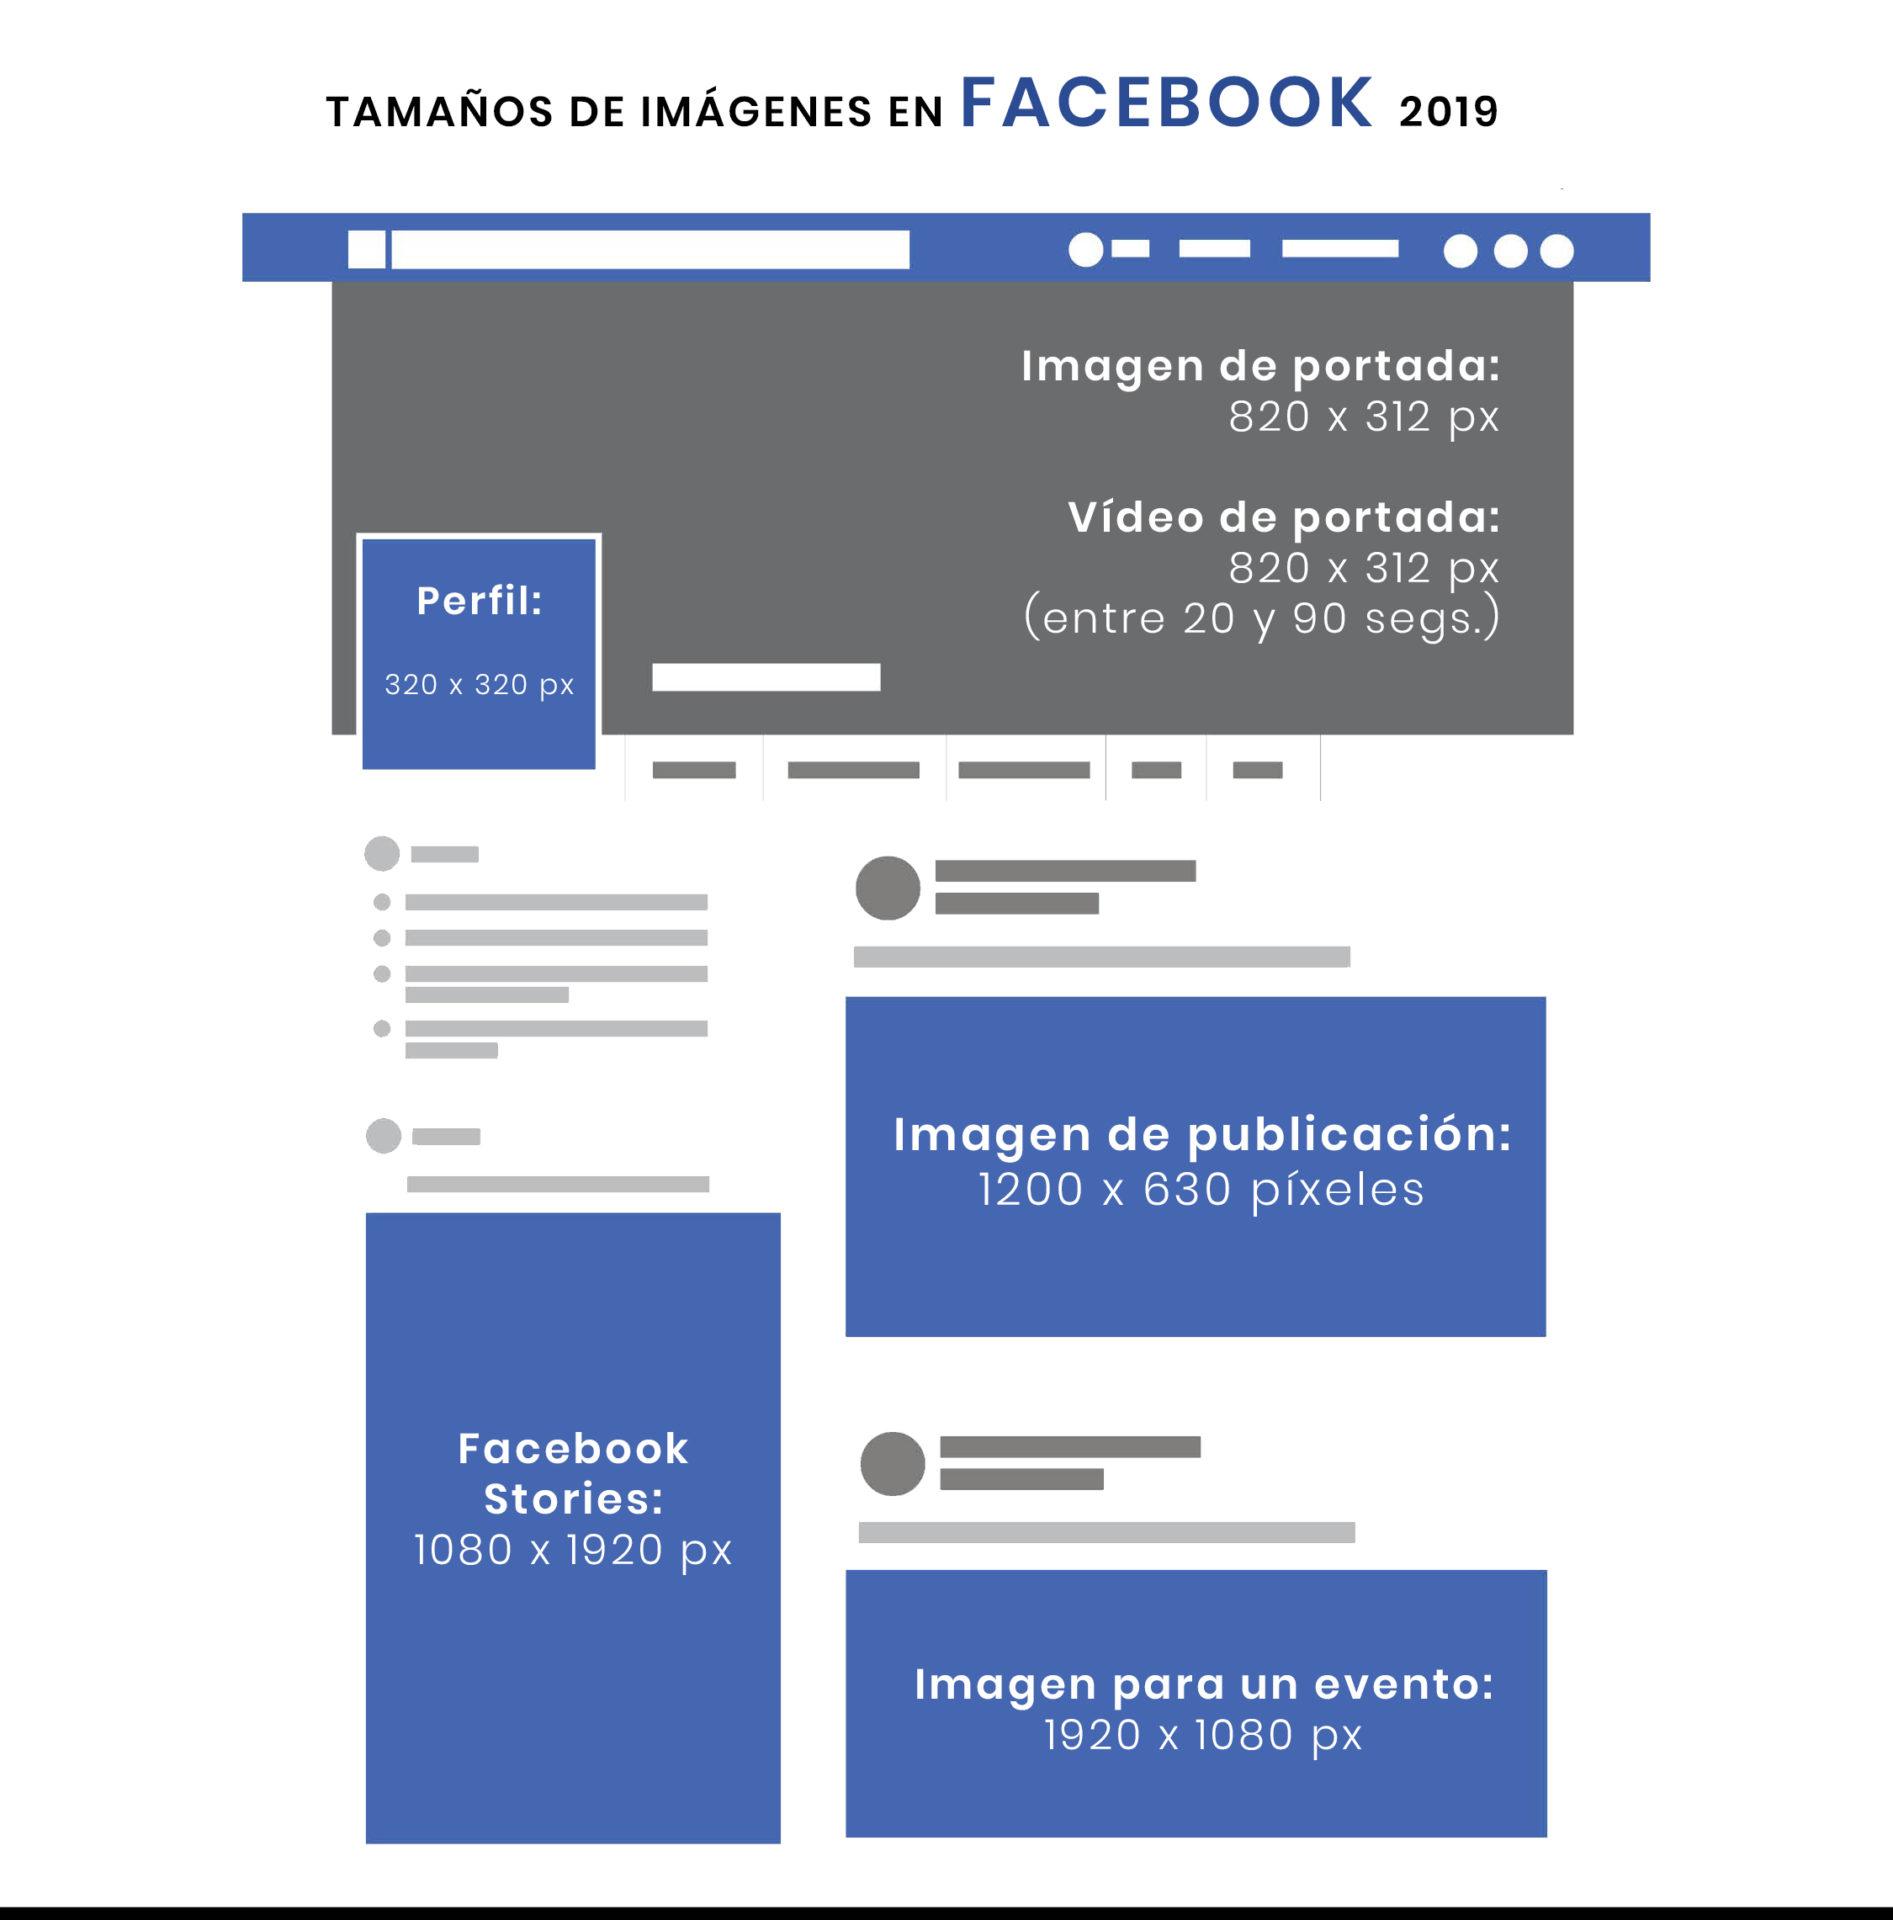 Tamaño de imágenes en Facebook 2019